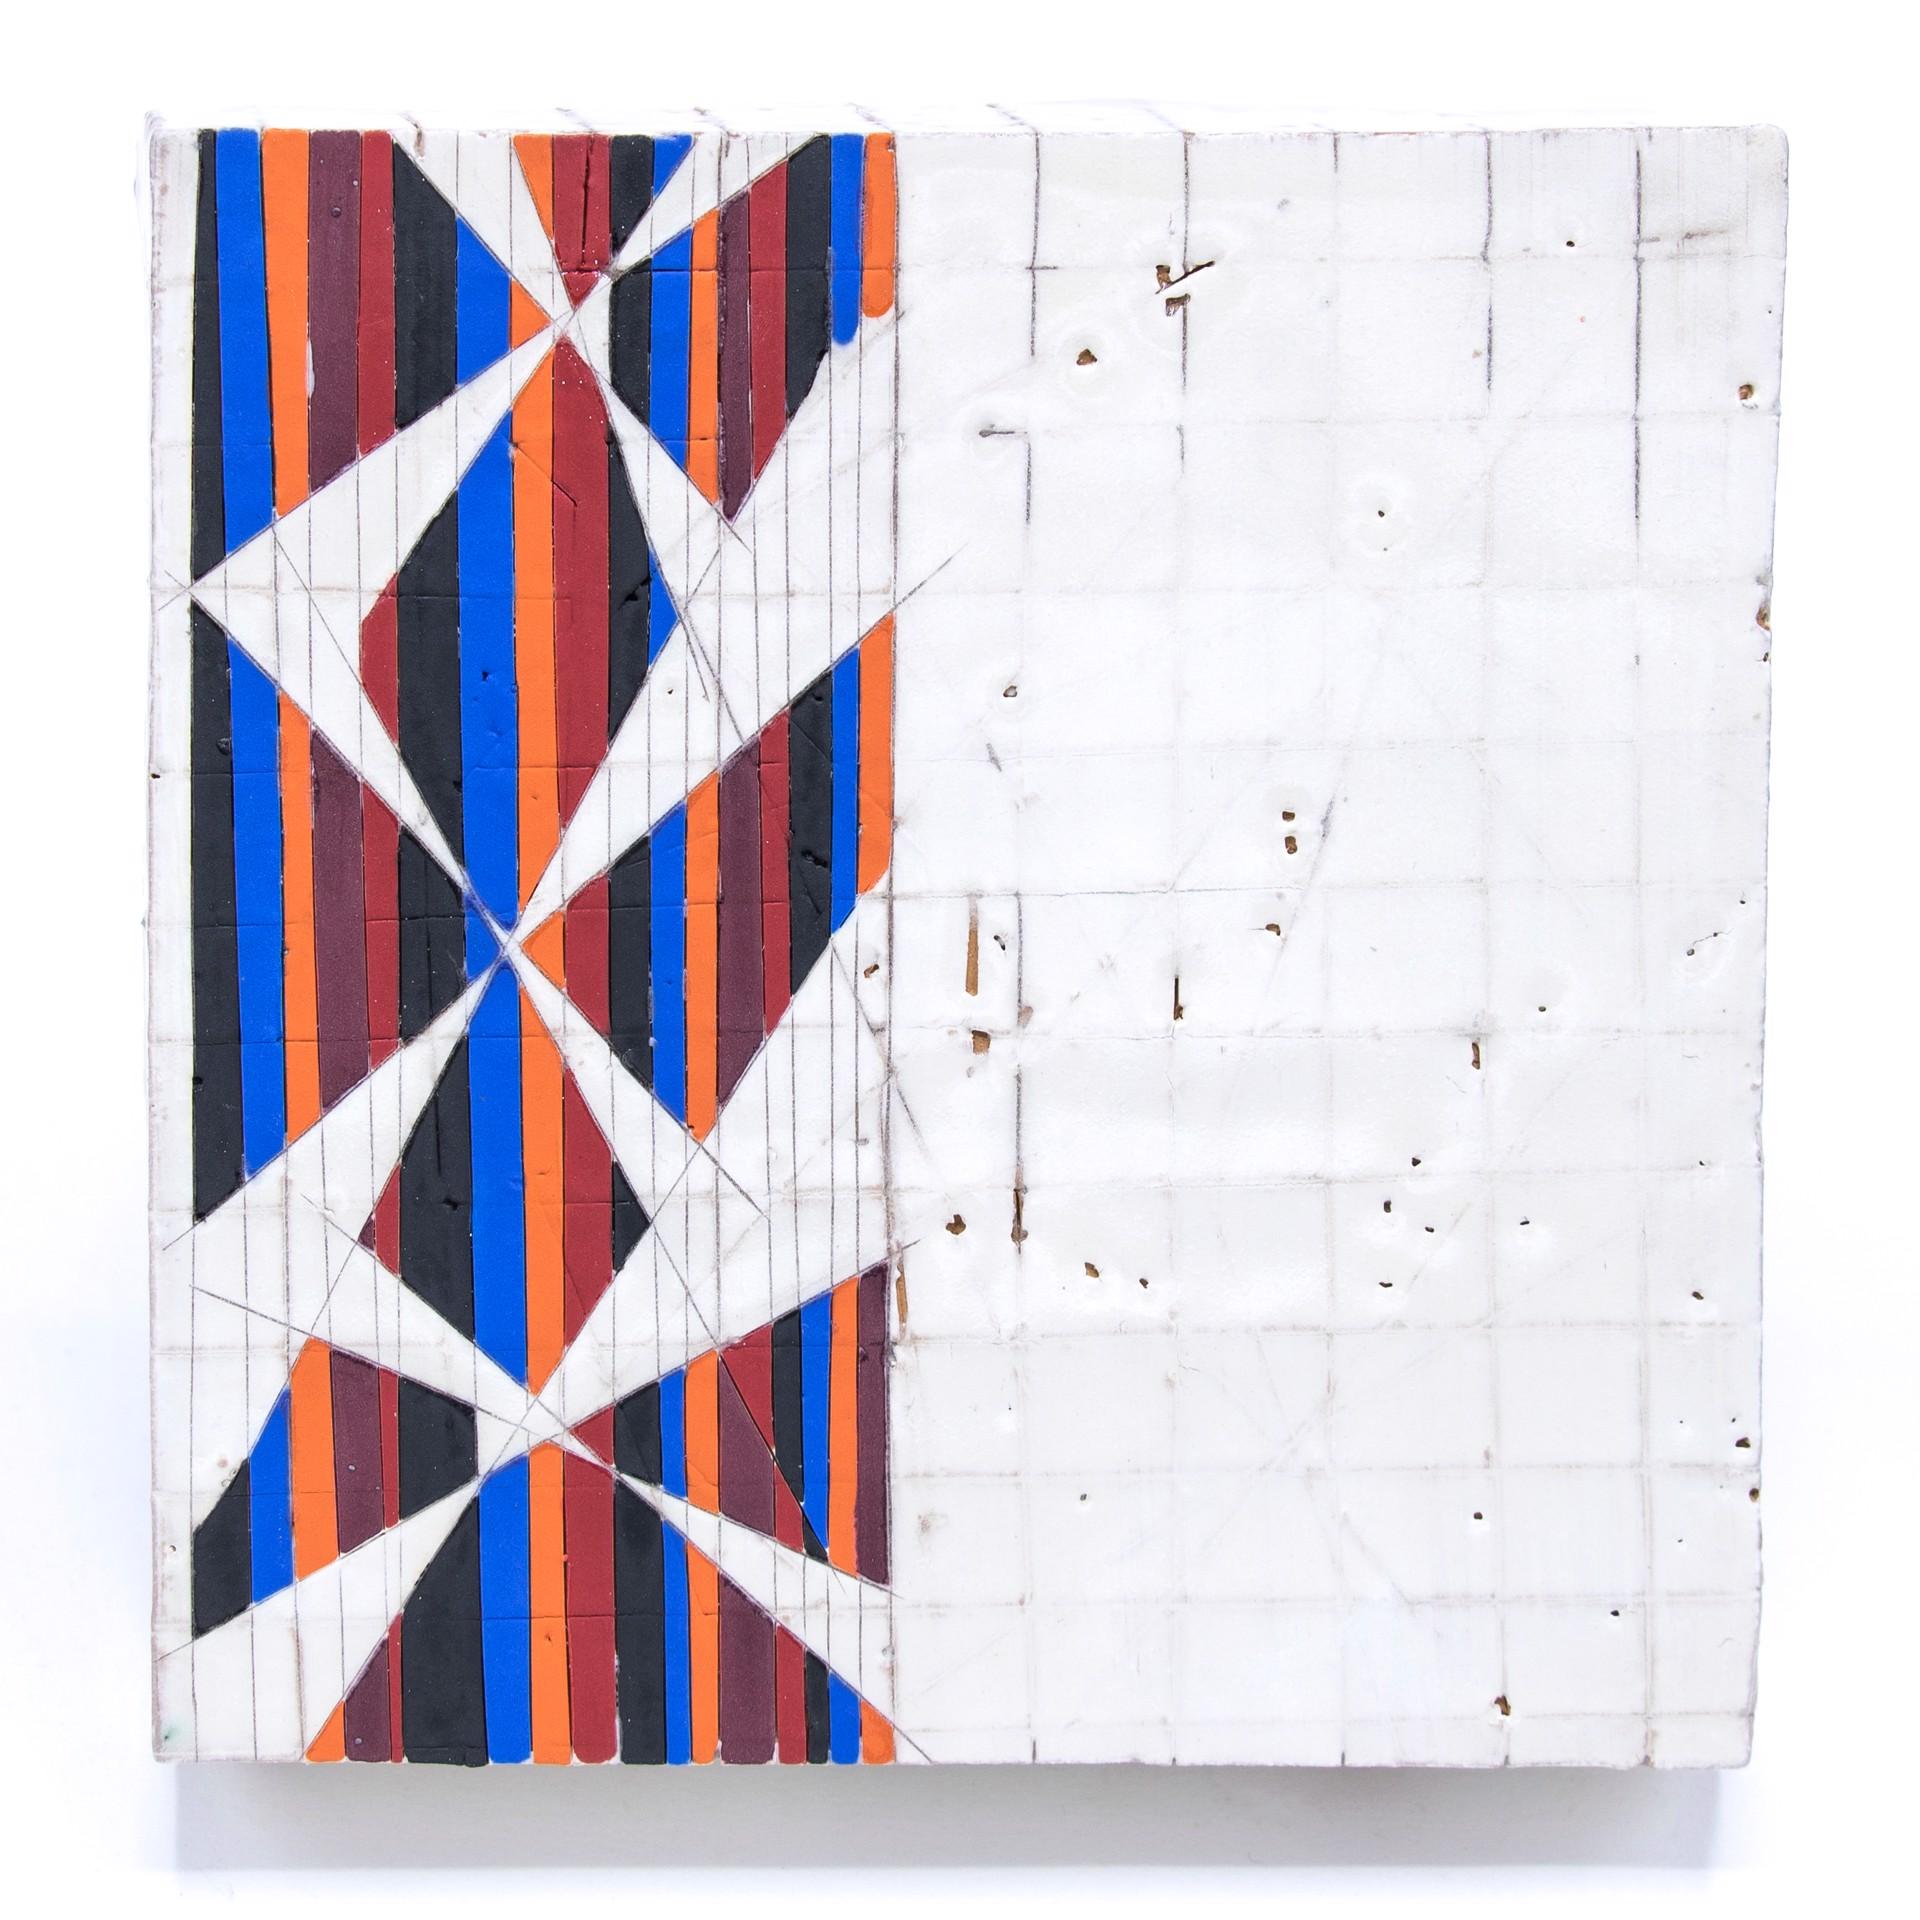 Tile (3) by Zak Helenske